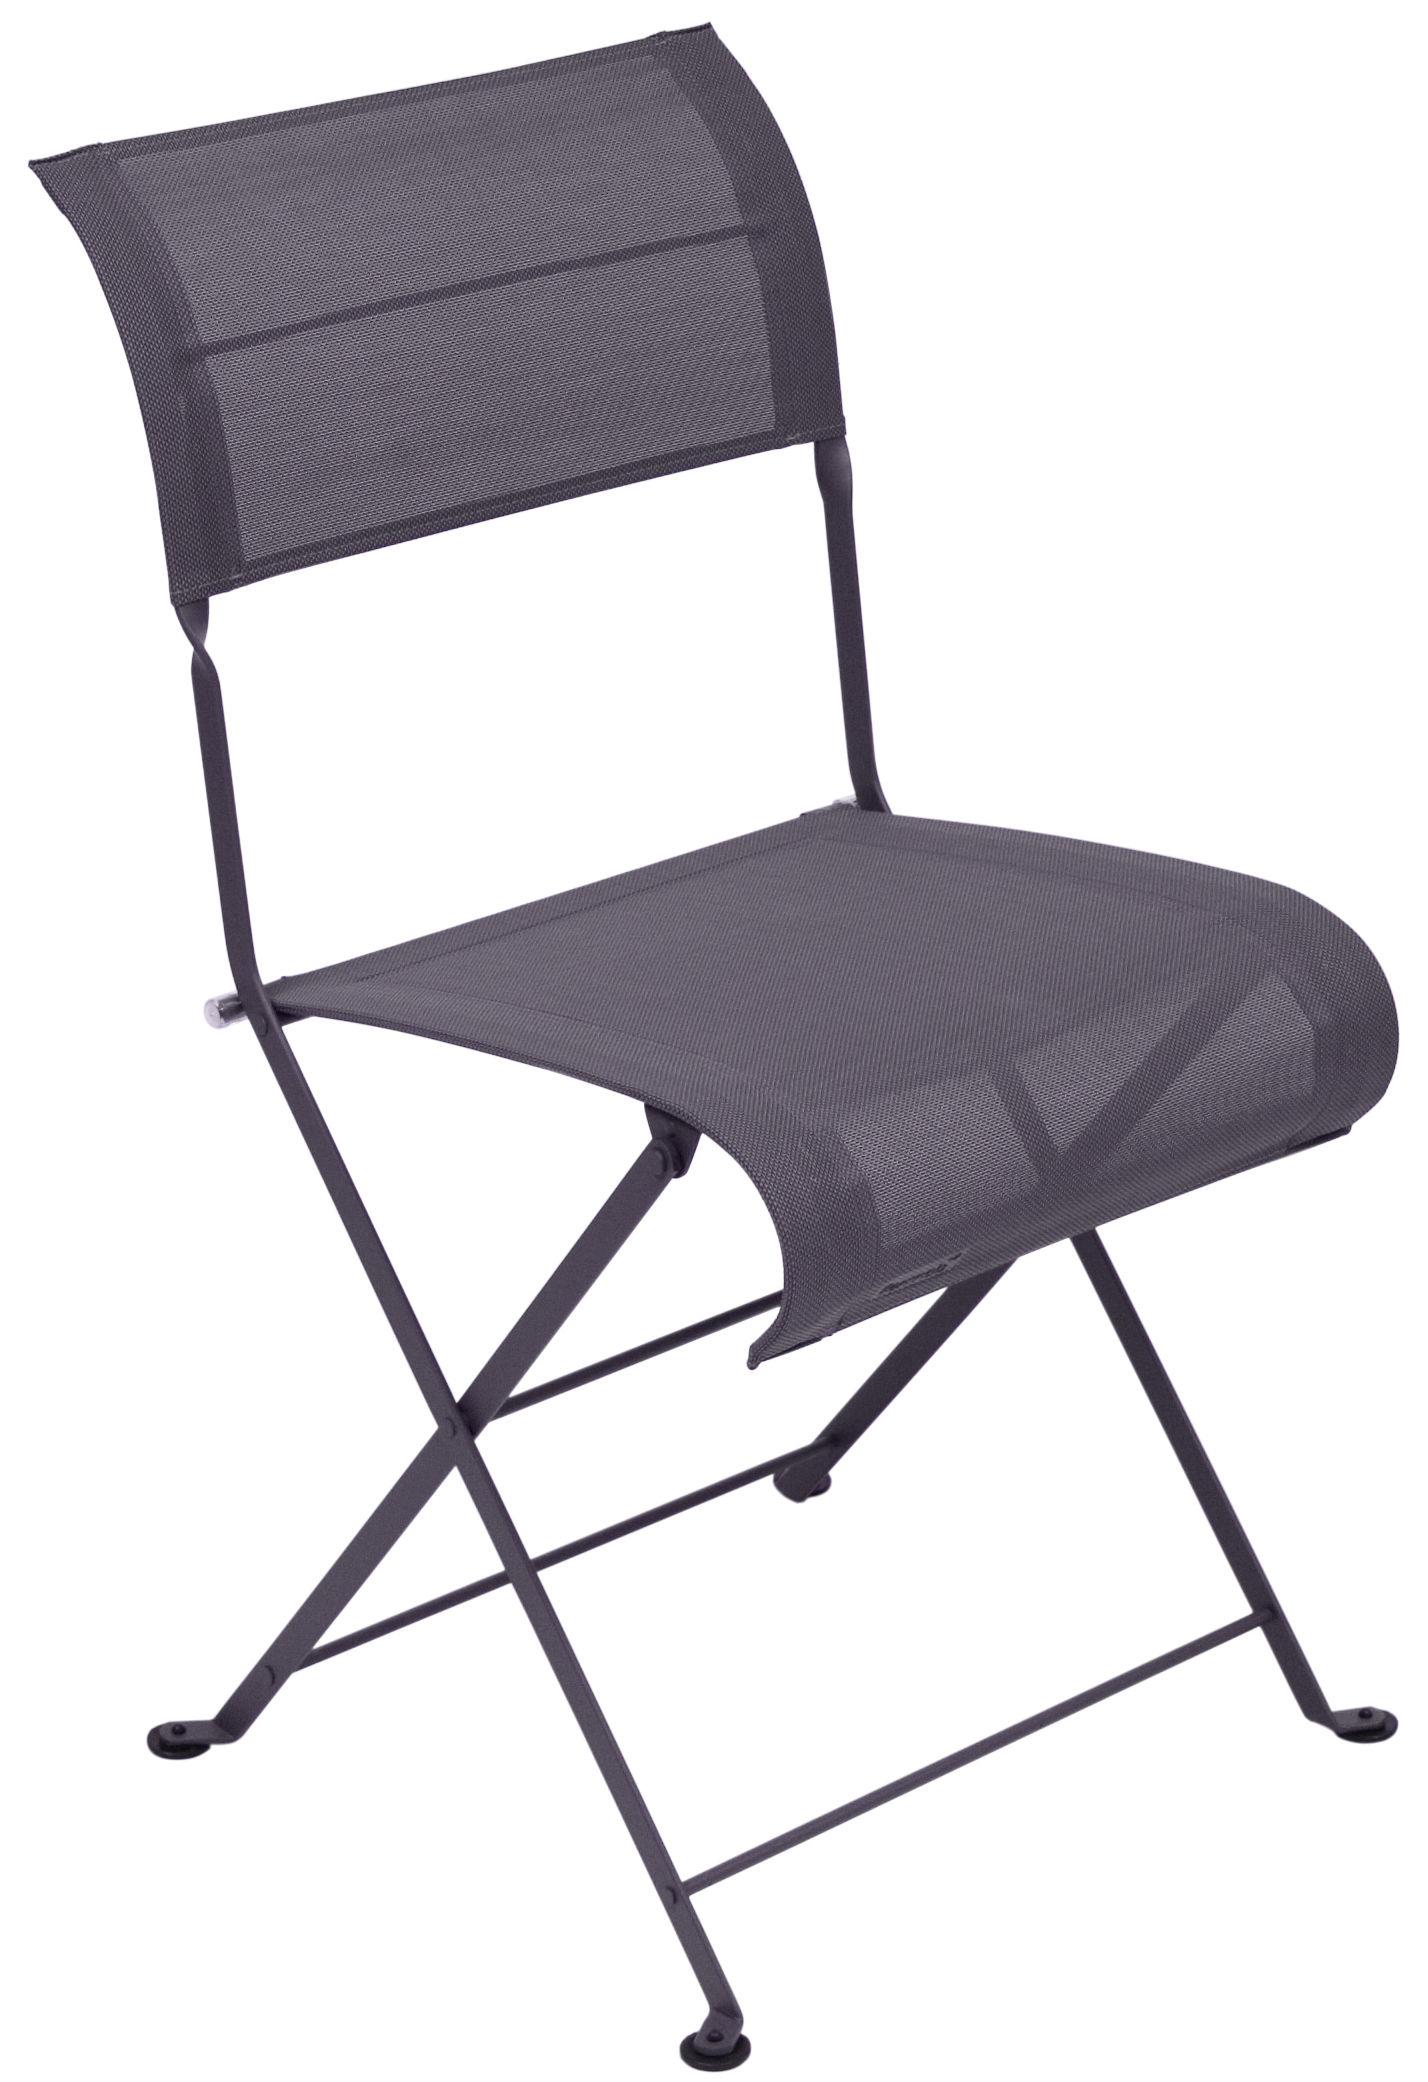 Chaise pliante dune toile prune chin fermob - Chaise pliante toile ...